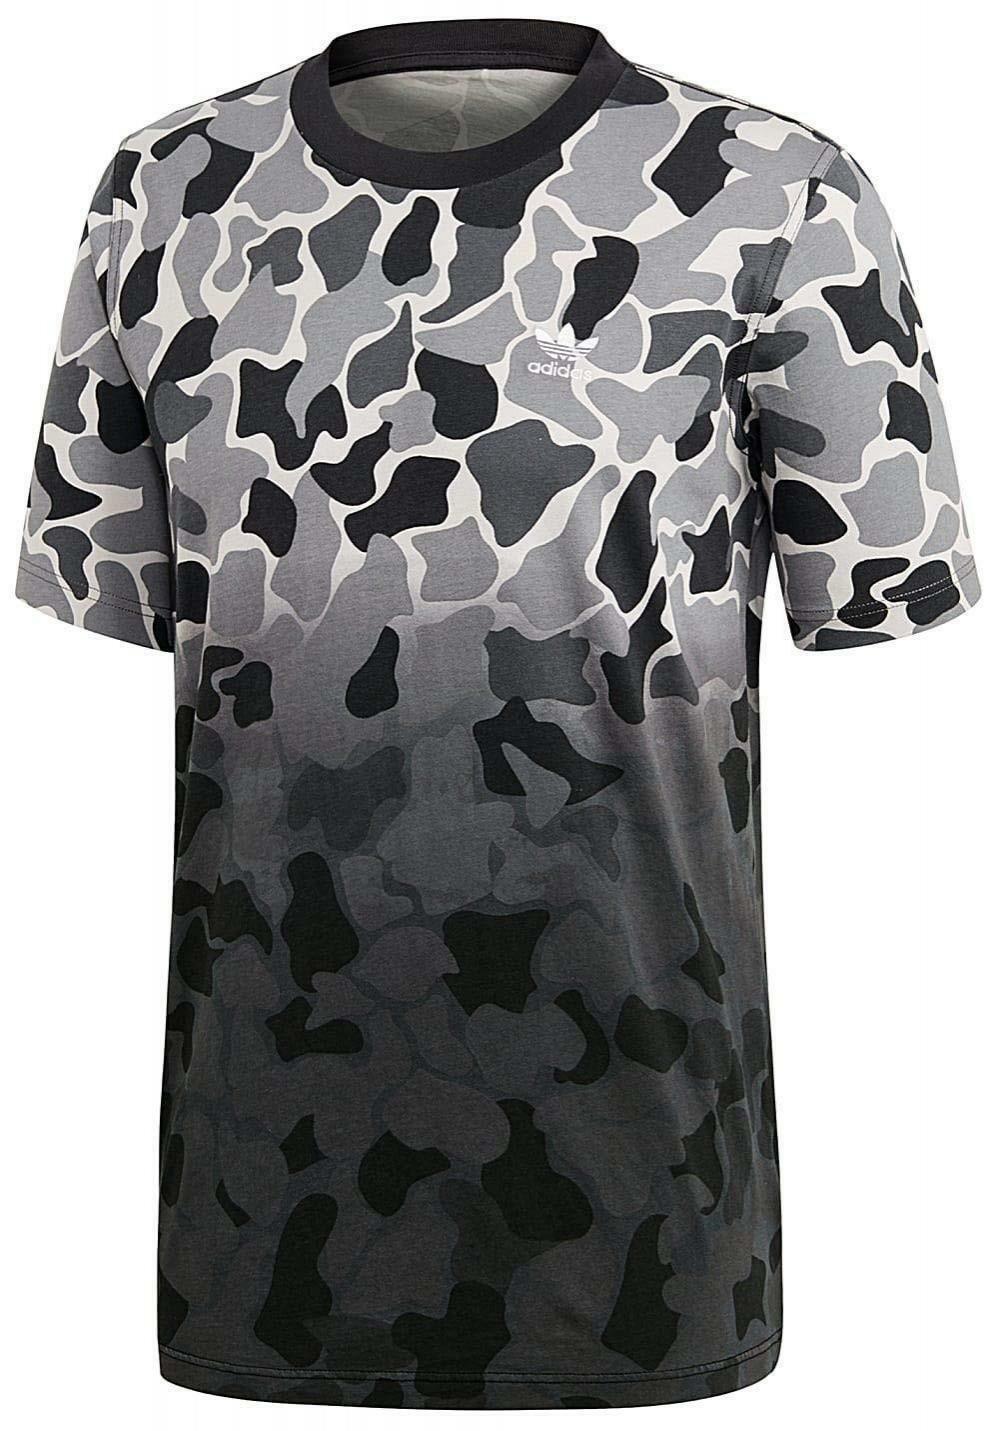 Details zu ADIDAS Camo Dipped T Shirt Herren Grau Camo DH4806